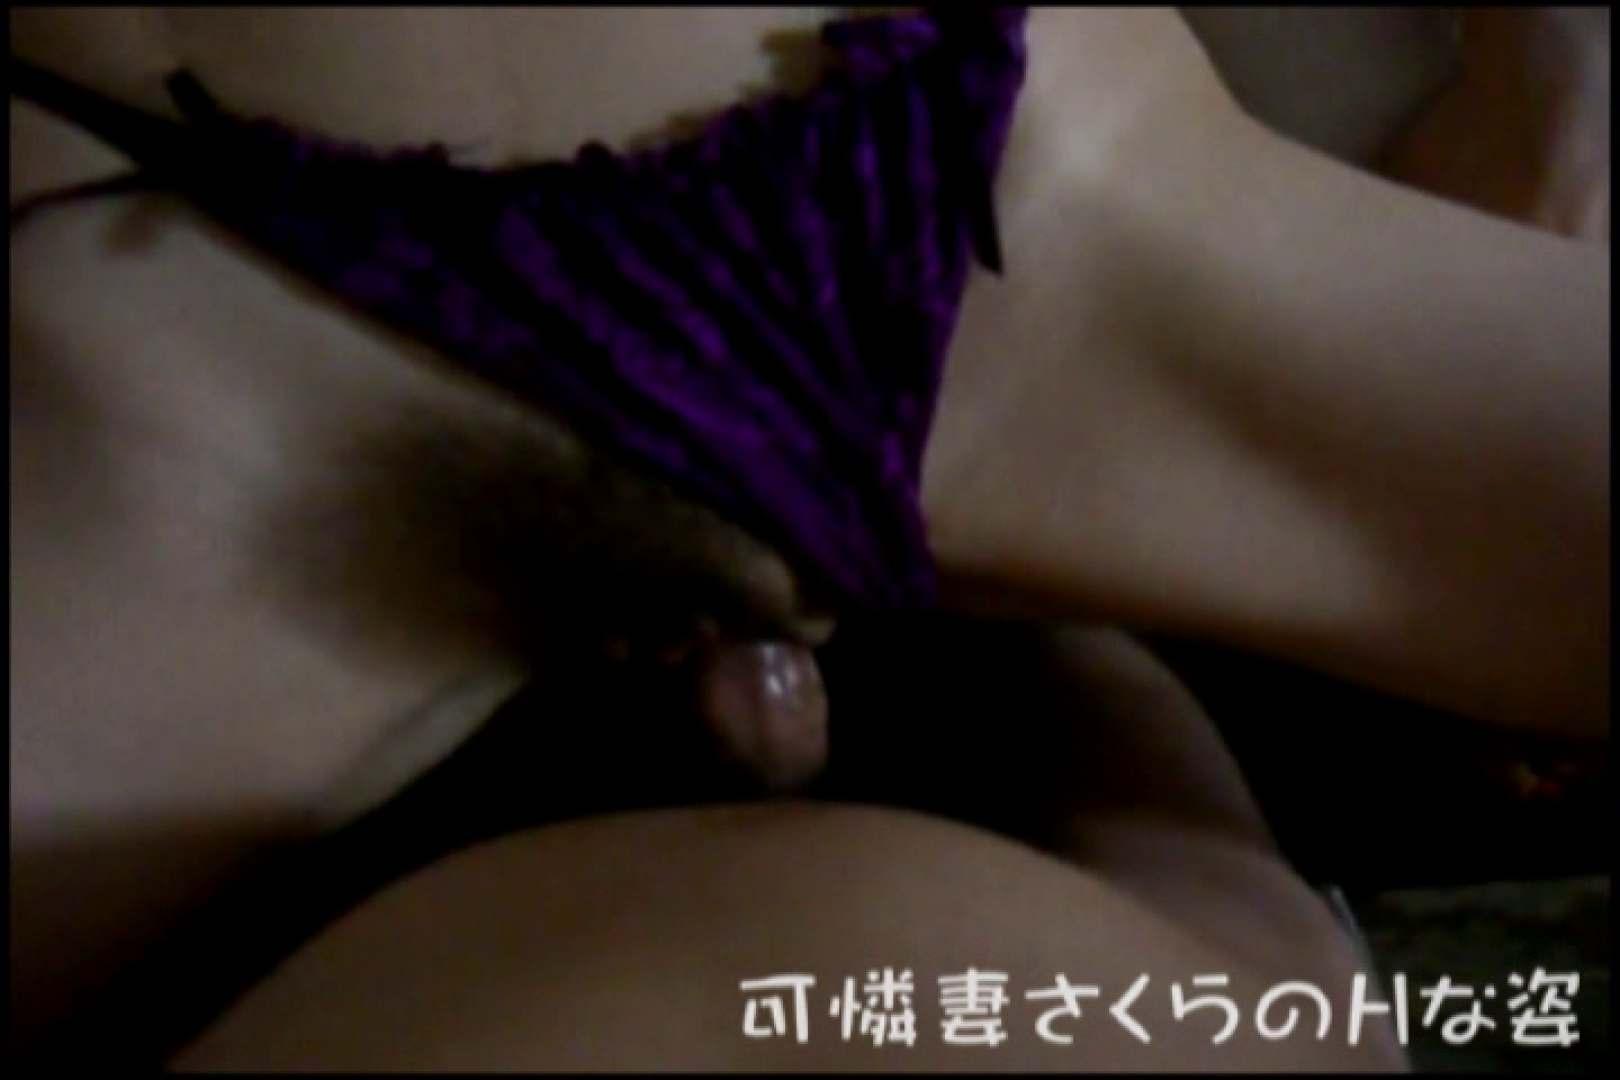 可憐妻さくらのHな姿vol.6 OL裸体 | 熟女の裸体  68画像 33